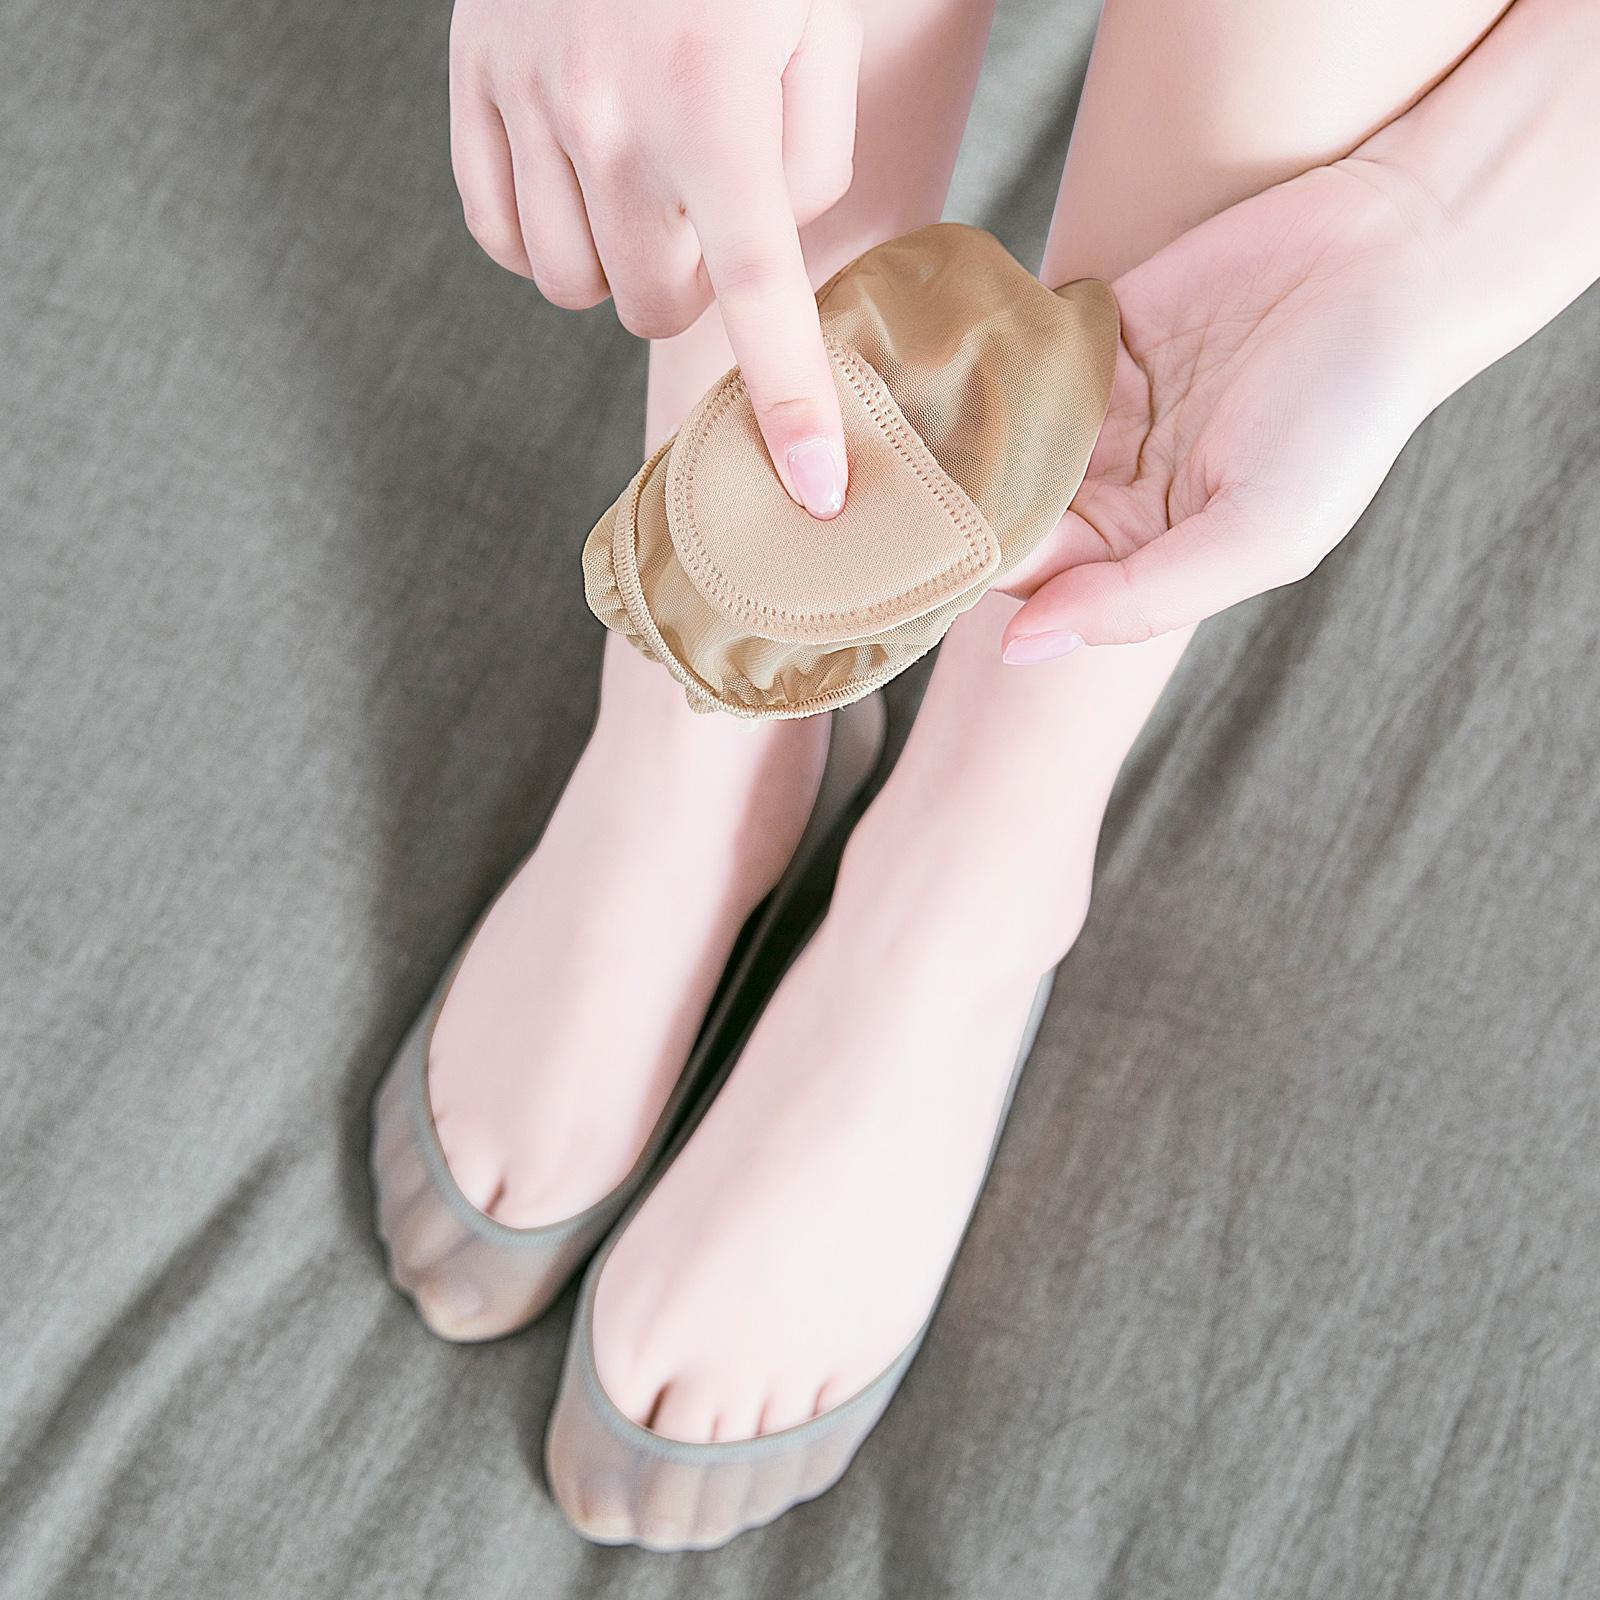 船袜女纯棉袜底冰丝超浅口全隐形袜气垫硅胶防滑薄款网眼防臭夏季